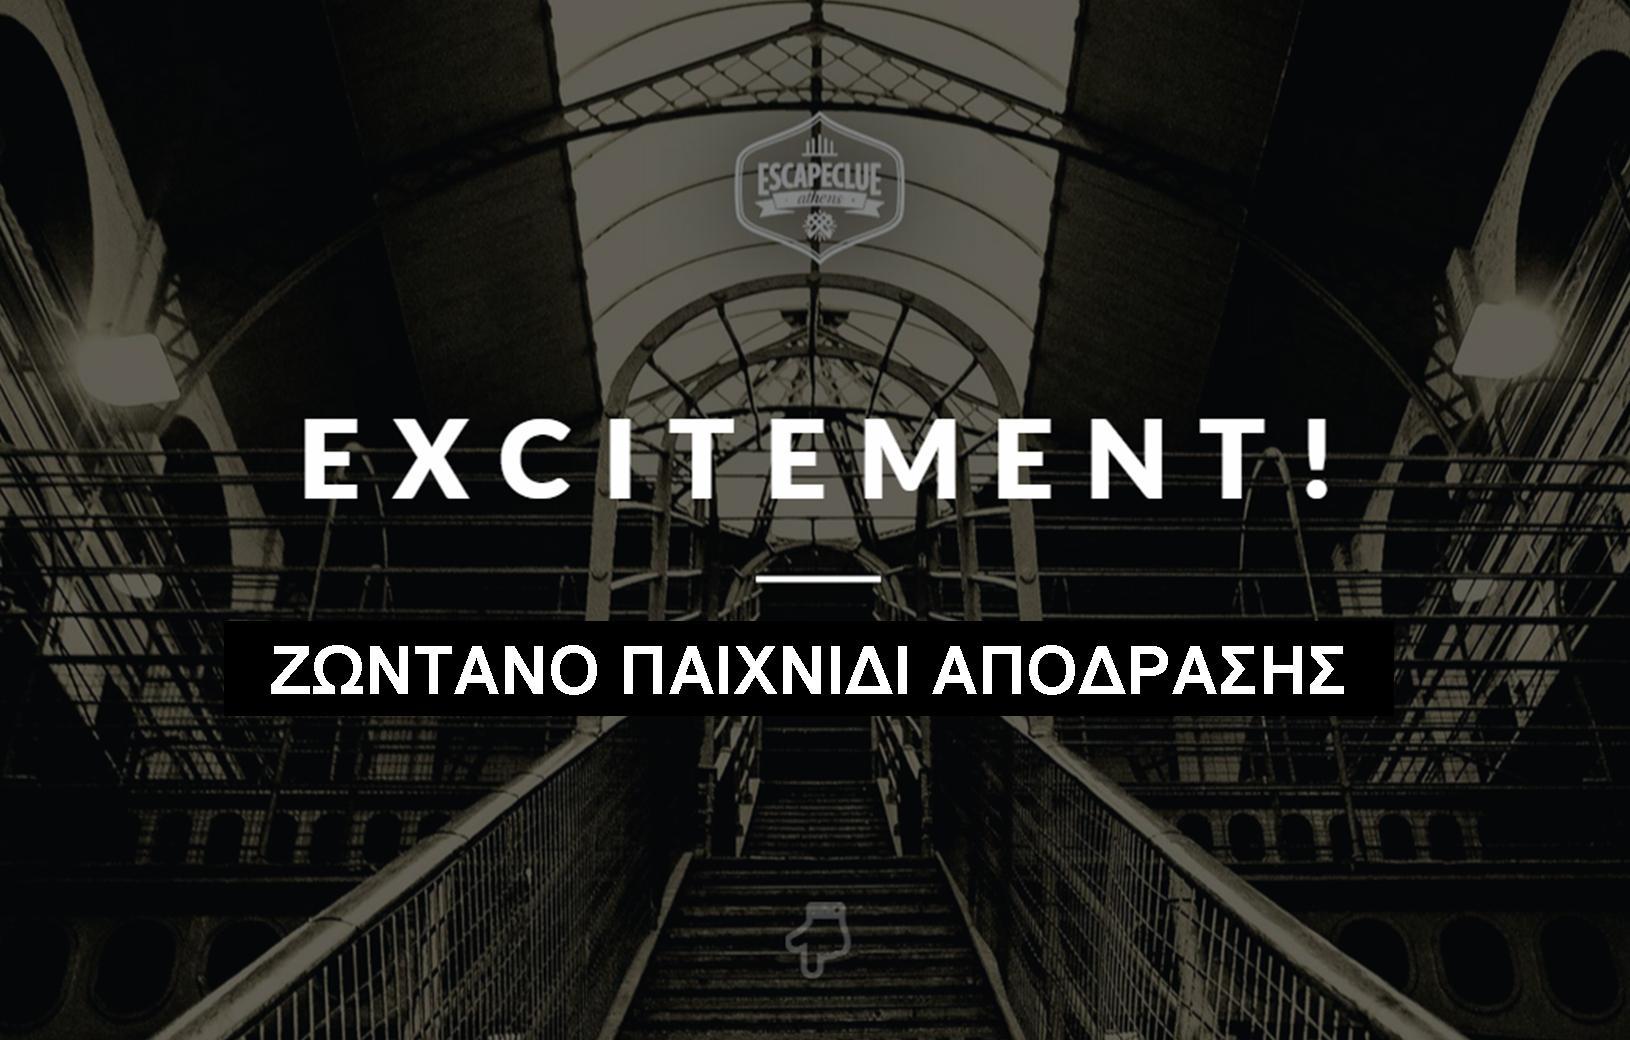 7,5€ από 14€ για συμμετοχή σε Ζωντανό Παιχνίδι Απόδρασης στα Μοναδικά Δωμάτια του ''EscapeClue Athens'' στο Περιστέρι, με ελεύθερη επιλογή δωματίου